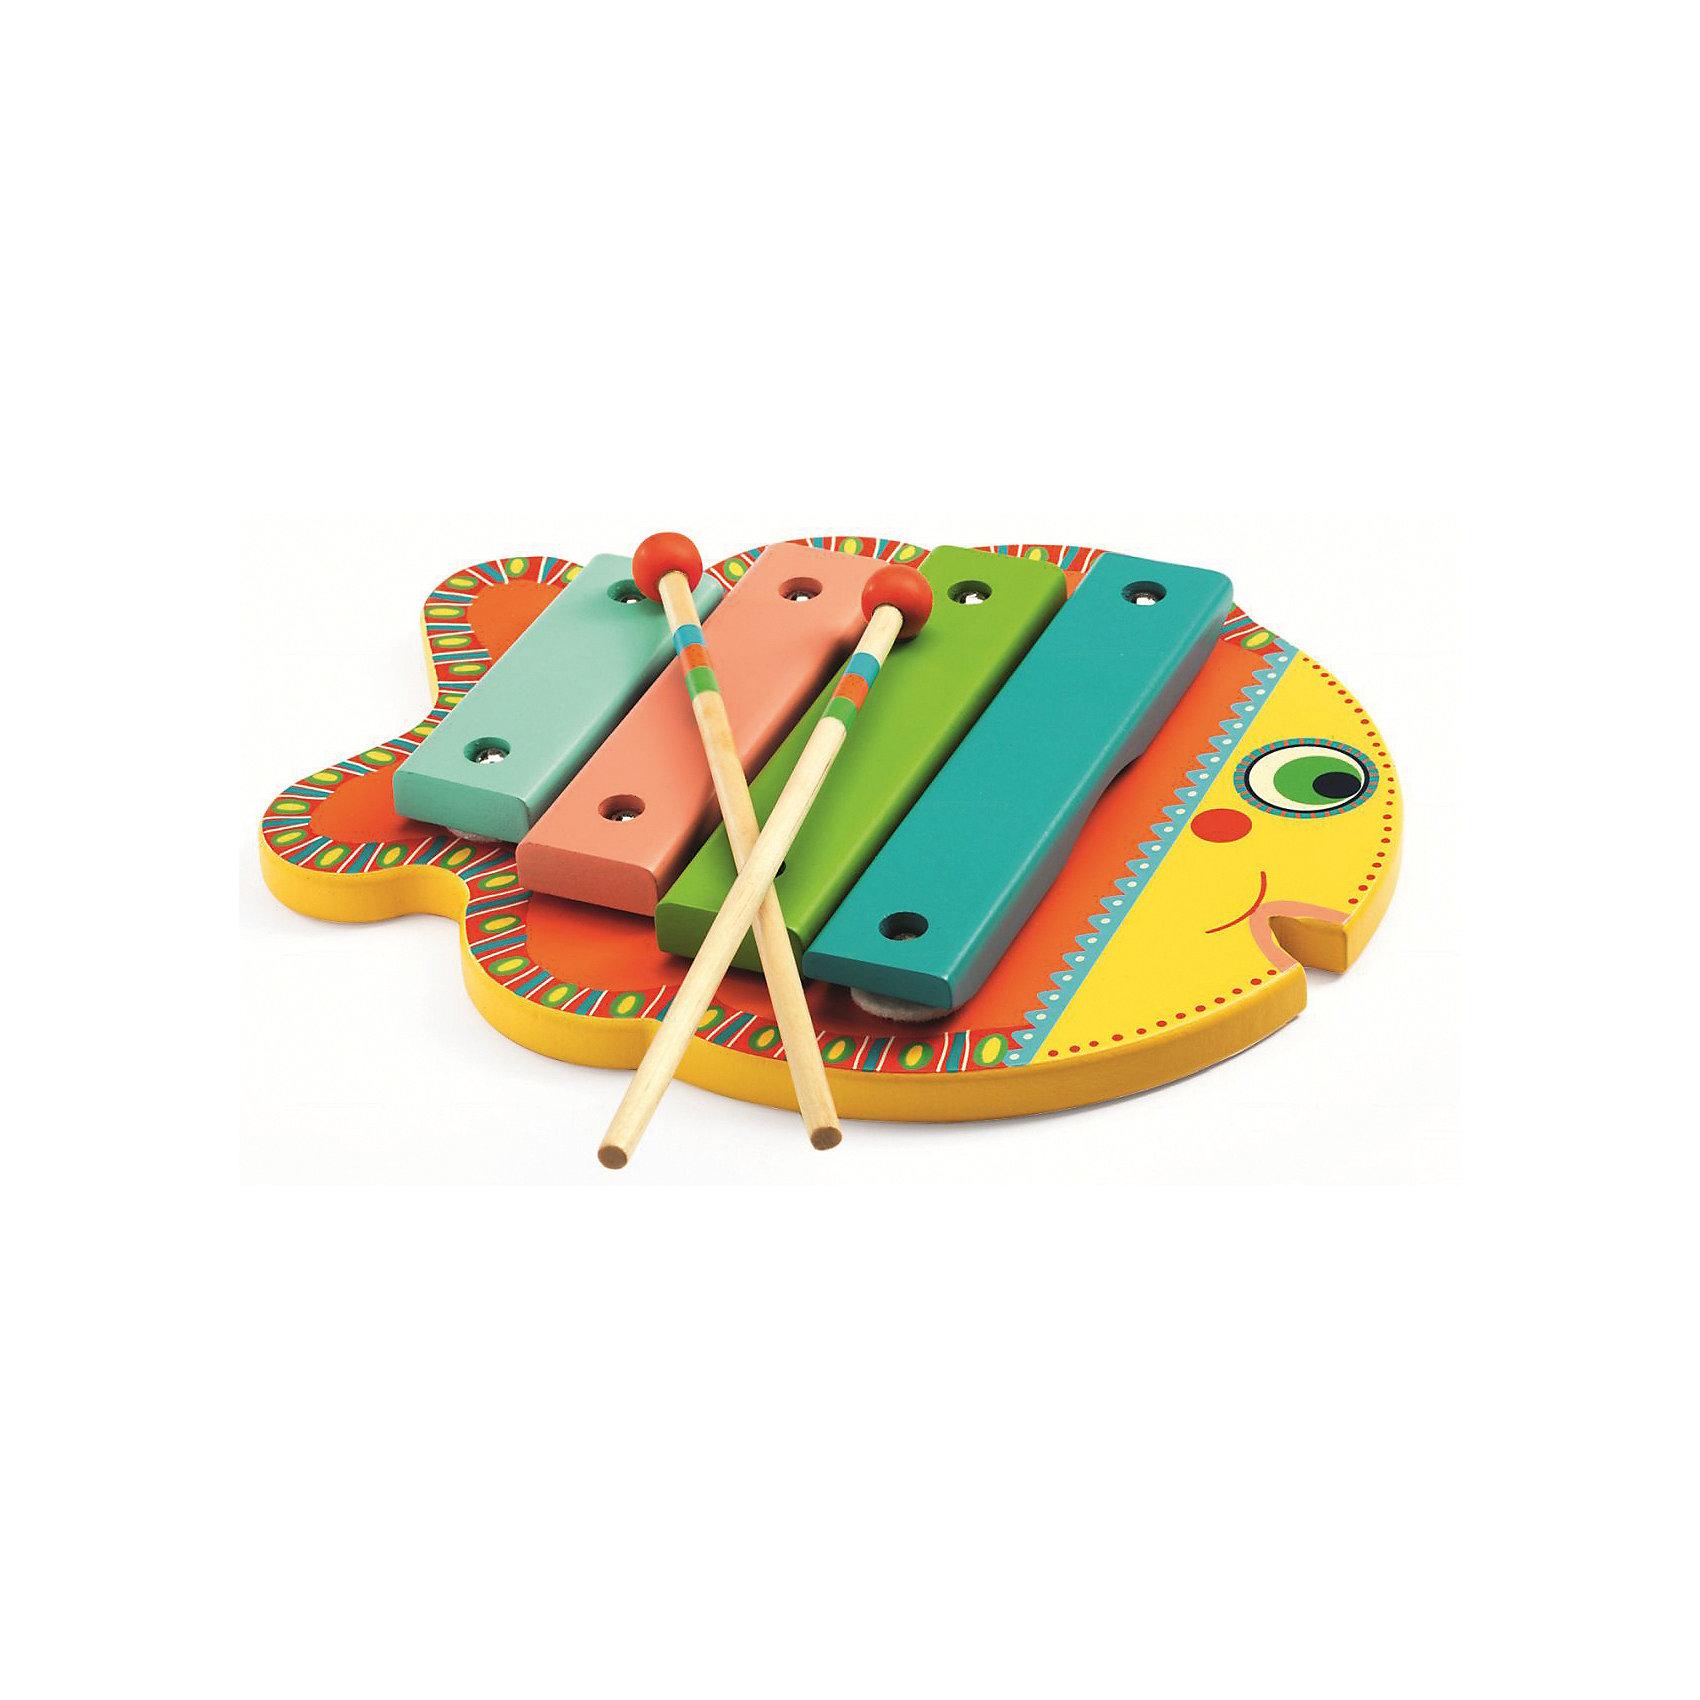 Ксилофон, DJECOДетские музыкальные инструменты<br>Яркий и красочный ксилофон станет прекрасной игрушкой даже для самых маленьких меломанов. Ксилофон в виде рыбки состоит из 4-х клавиш и 2-х палочек, с помощью которых ваш малыш будет создавать новые мелодии. Увлекательный ксилофон в красивой подарочной упаковке станет прекрасным подарком и непременно порадует каждого малыша. Ксилофон сделан из высококачественного дерева, покрыт безопасными нетоксичными красками.<br><br>Ширина мм: 30<br>Глубина мм: 230<br>Высота мм: 190<br>Вес г: 480<br>Возраст от месяцев: 36<br>Возраст до месяцев: 1188<br>Пол: Унисекс<br>Возраст: Детский<br>SKU: 4761452